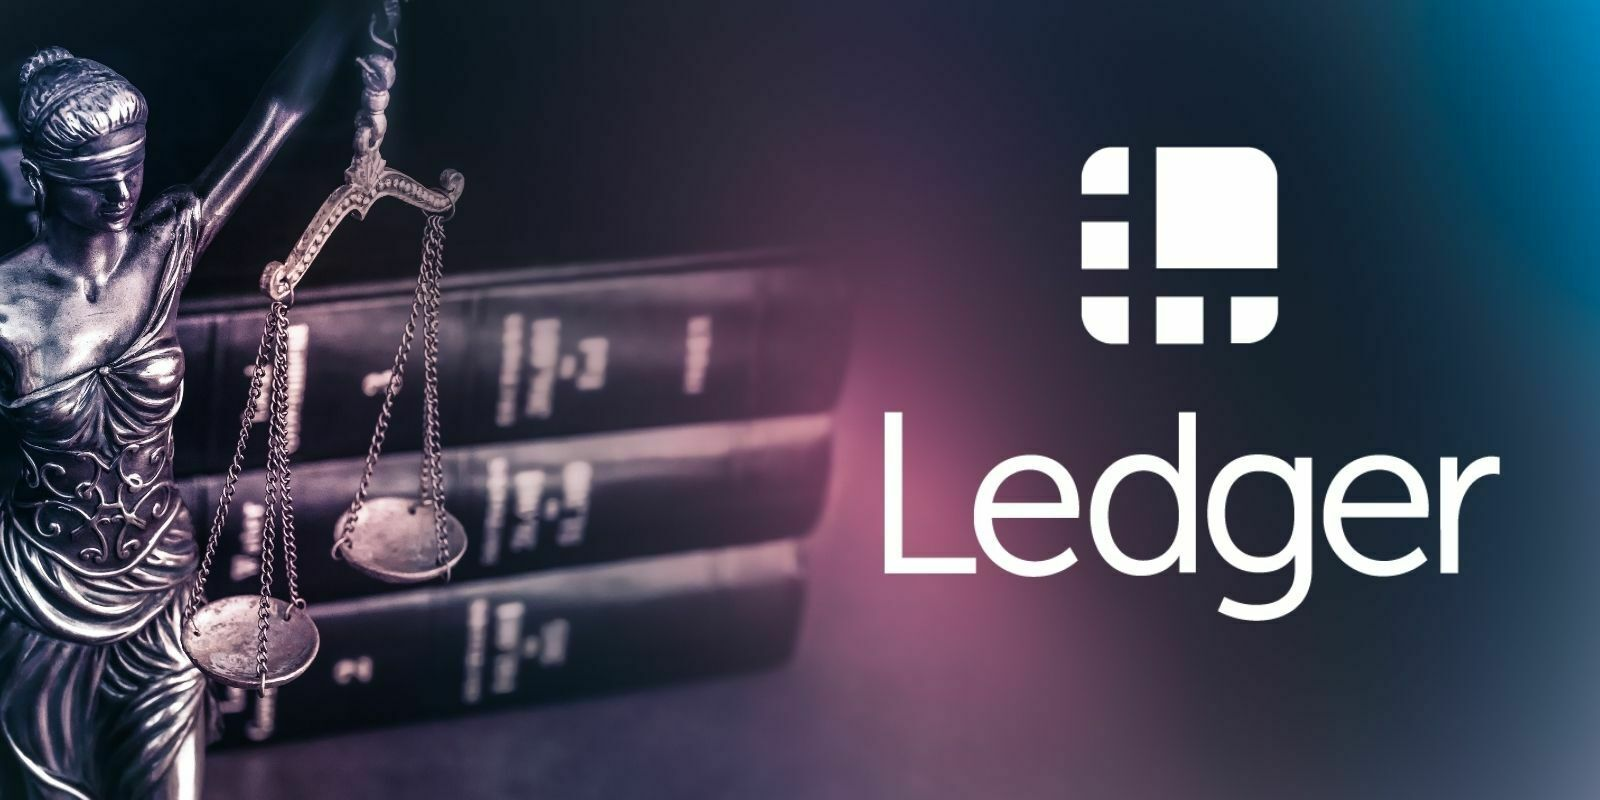 Ledger va faire face à des poursuites judiciaires aux États-Unis suite à la fuite de données de 2020